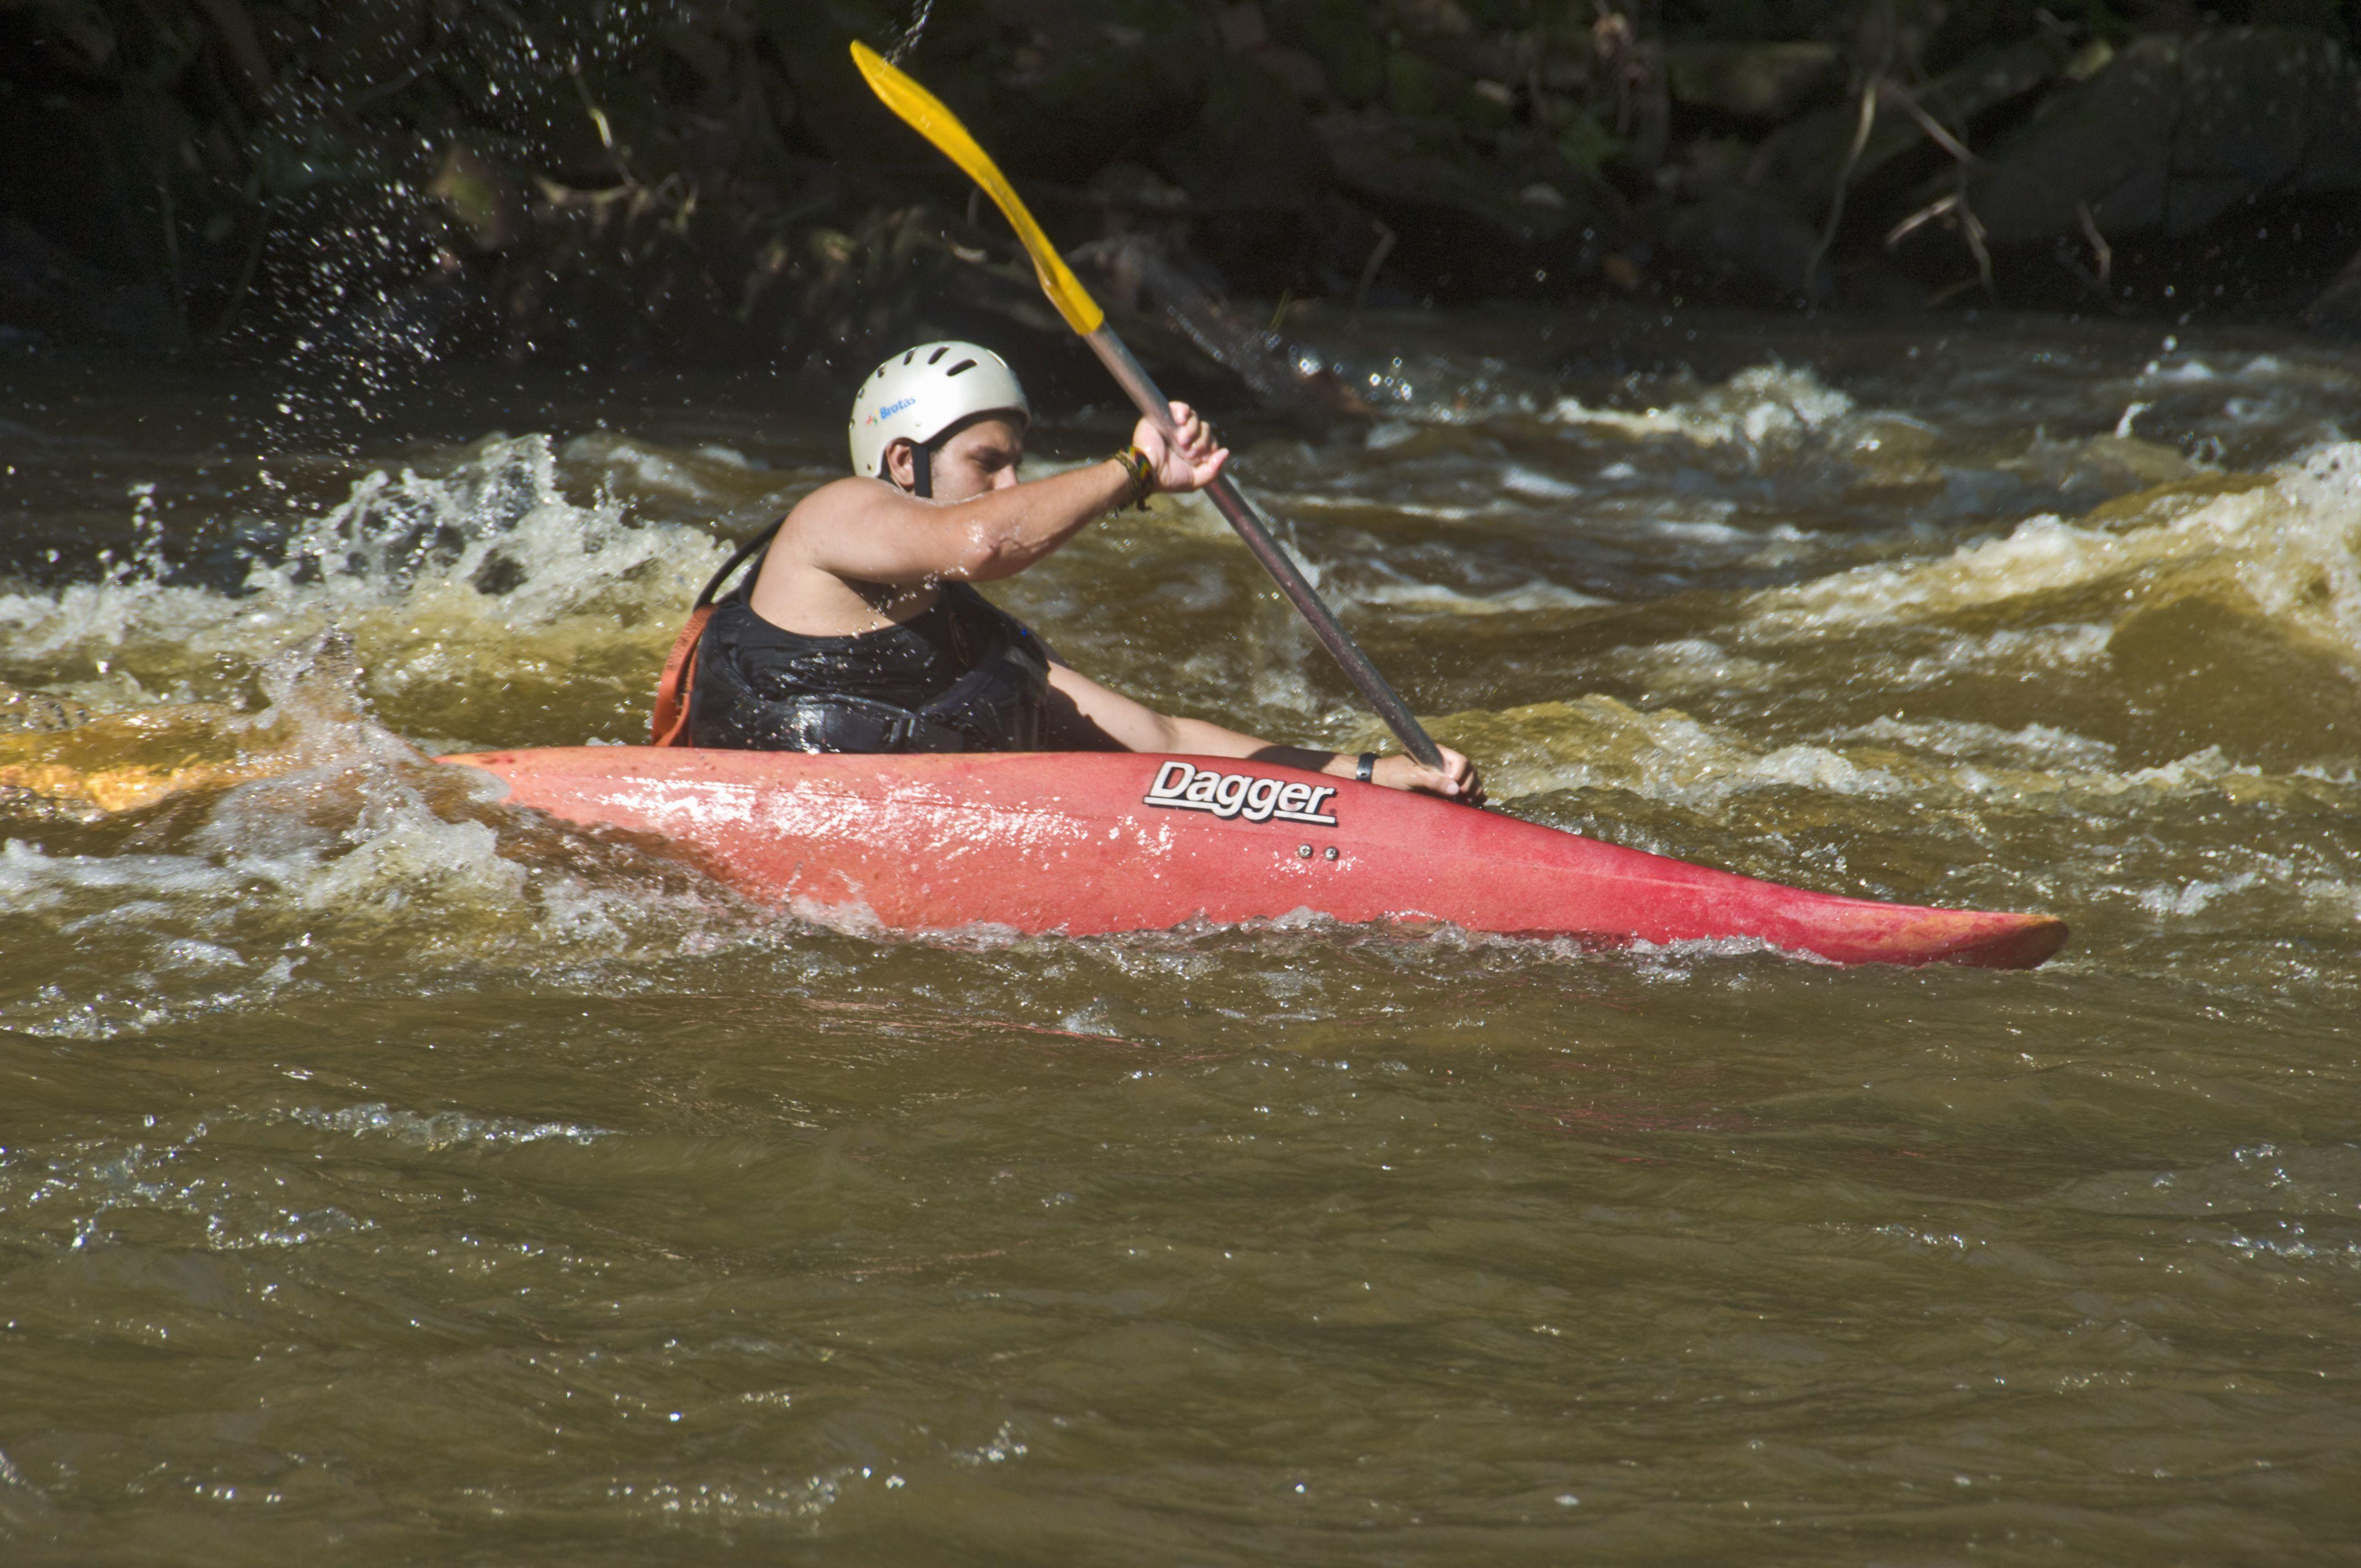 Canoeist in red Dagger kayak negotiates rapids.